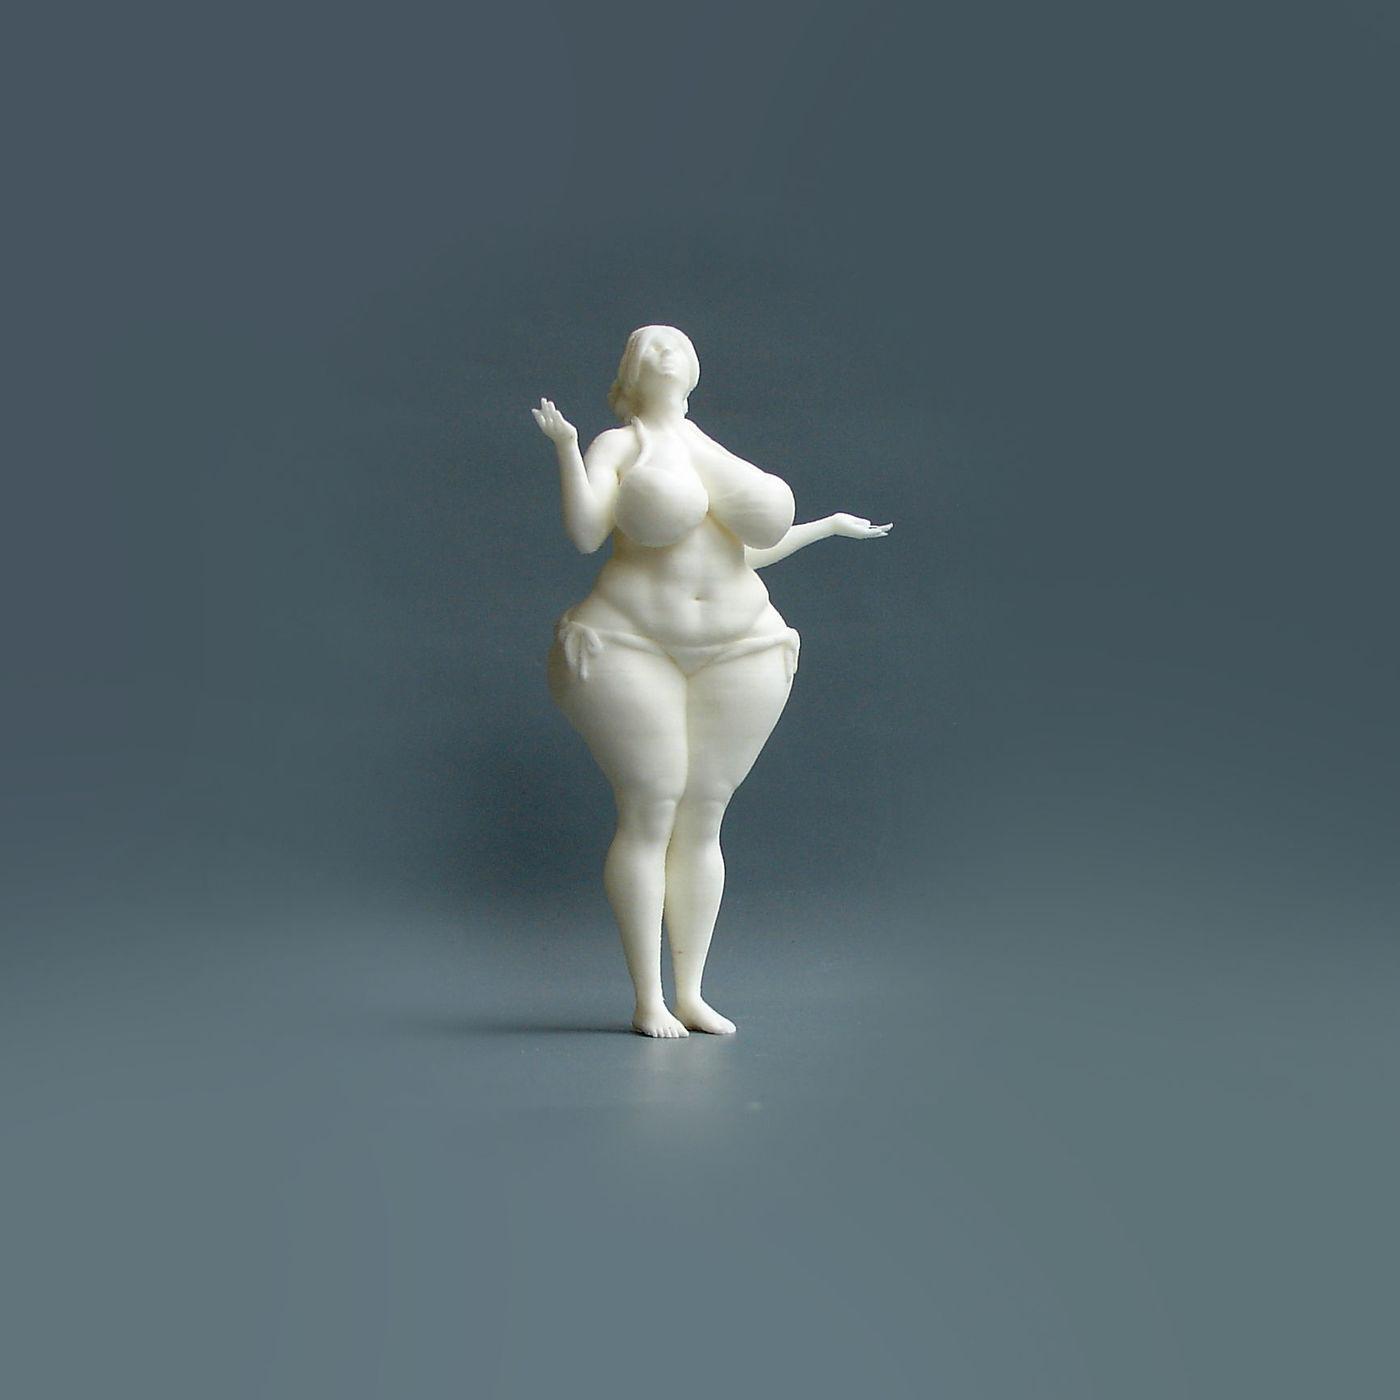 3d print of fat women in 18 scale